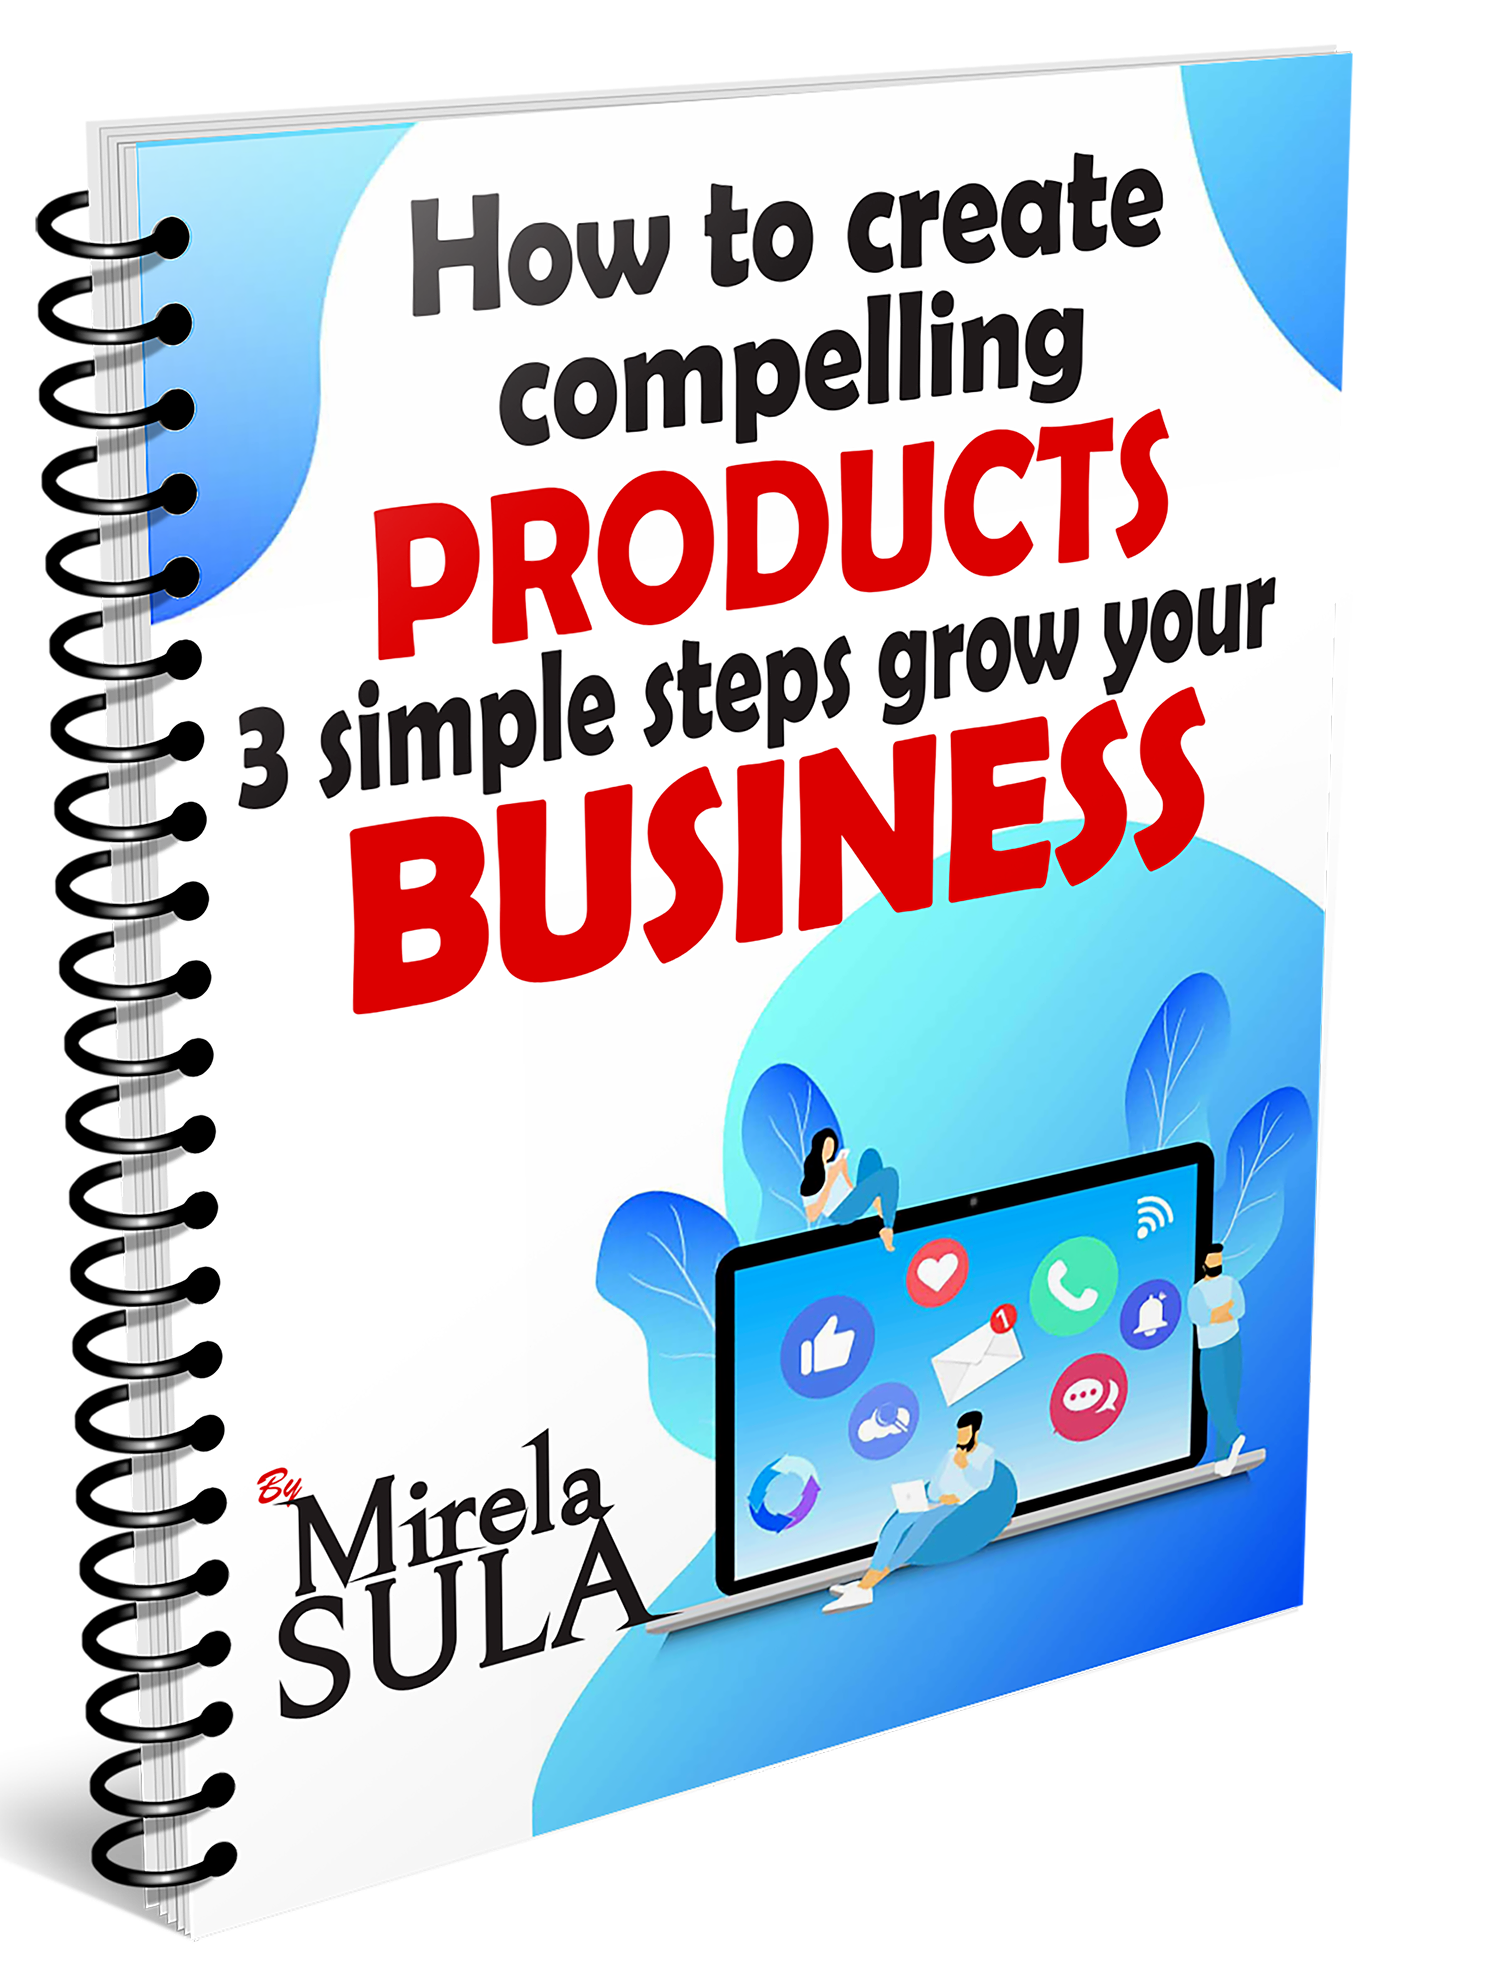 https://mirelasula.com/wp-content/uploads/2021/03/book-3-1.png